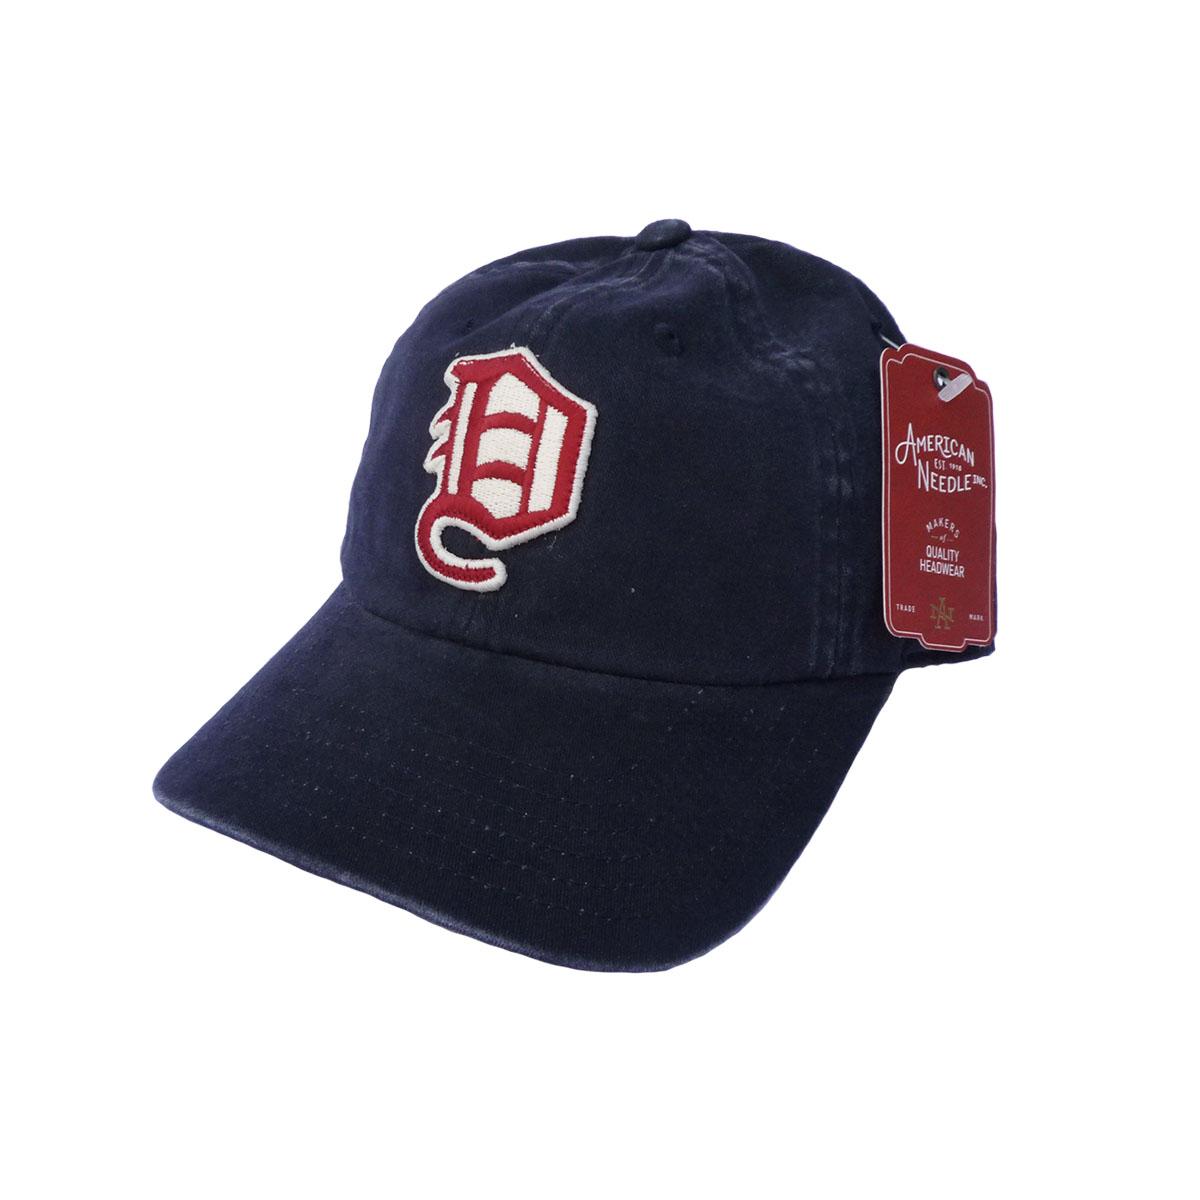 画像1: AMERICAN NEEDLE アメリカンニードル NIPPON LEAGUE BASEBALL ARCHIVE CAP 大映スターズ NAVY メンズ/レディース (1)